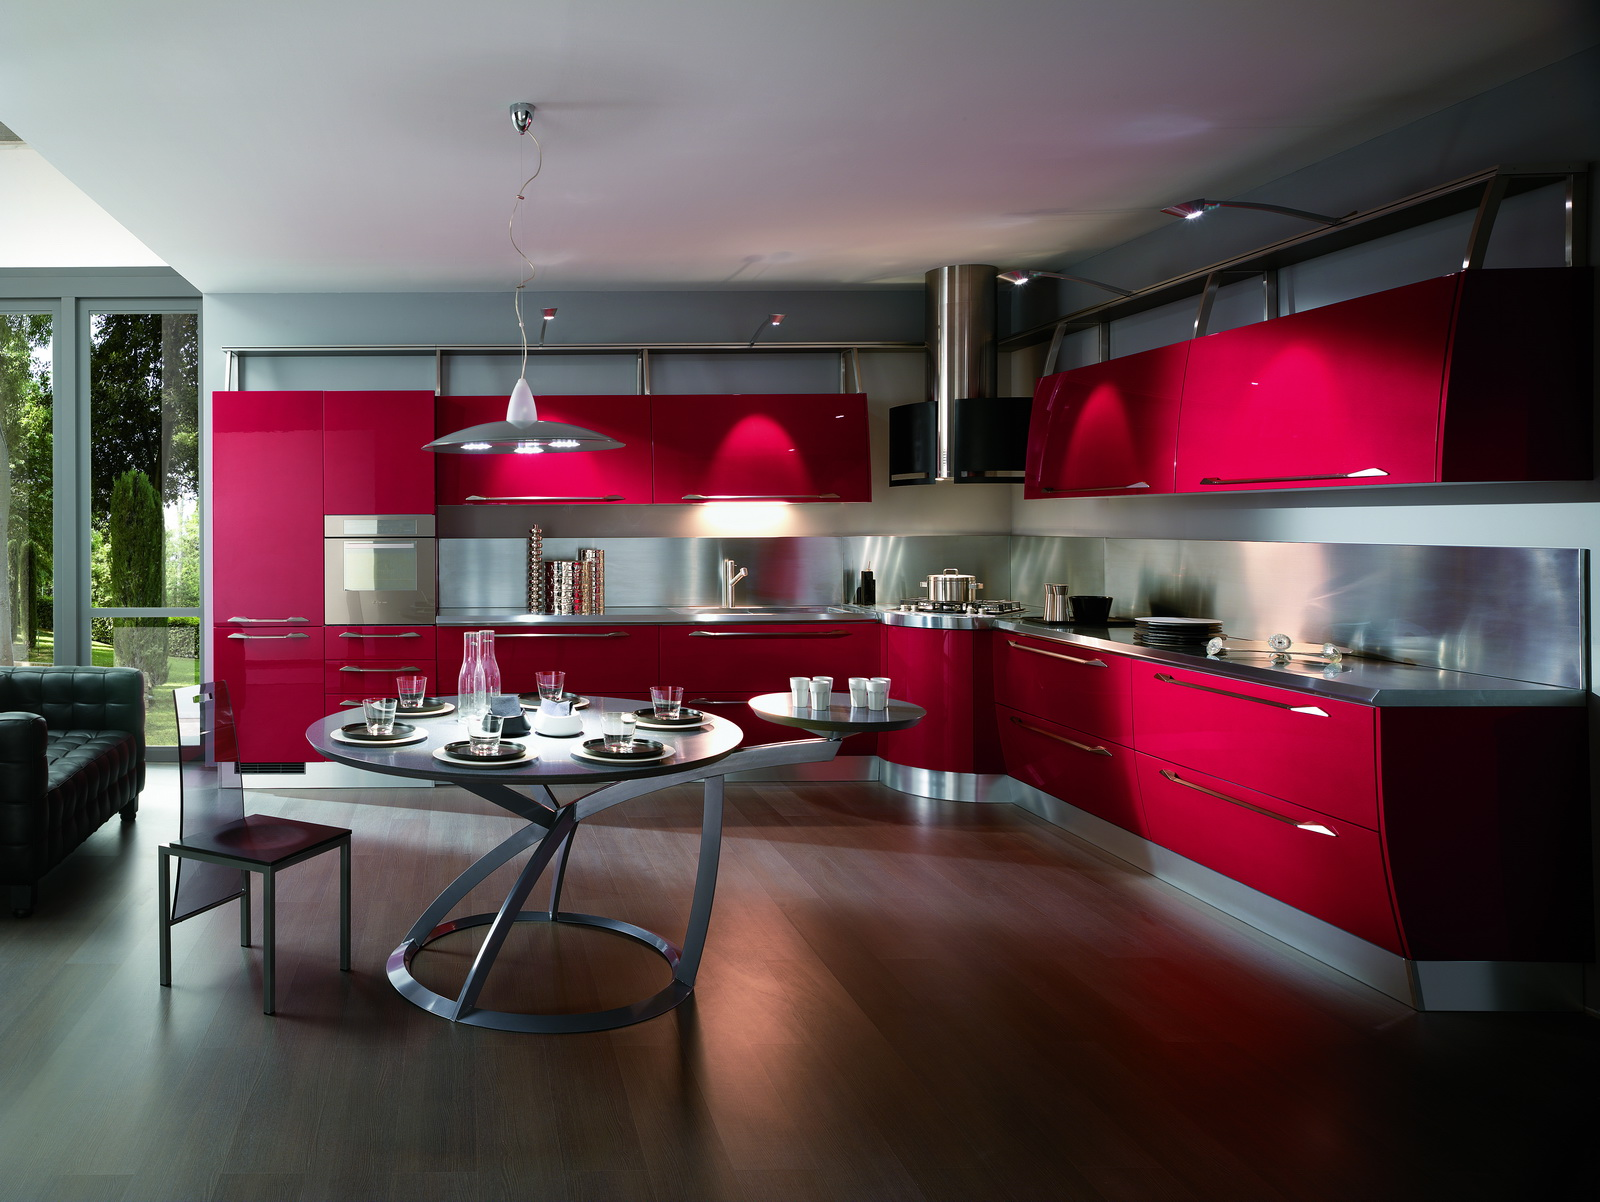 Яркая красная кухня в стиле хай-тек с металлической фурнитурой